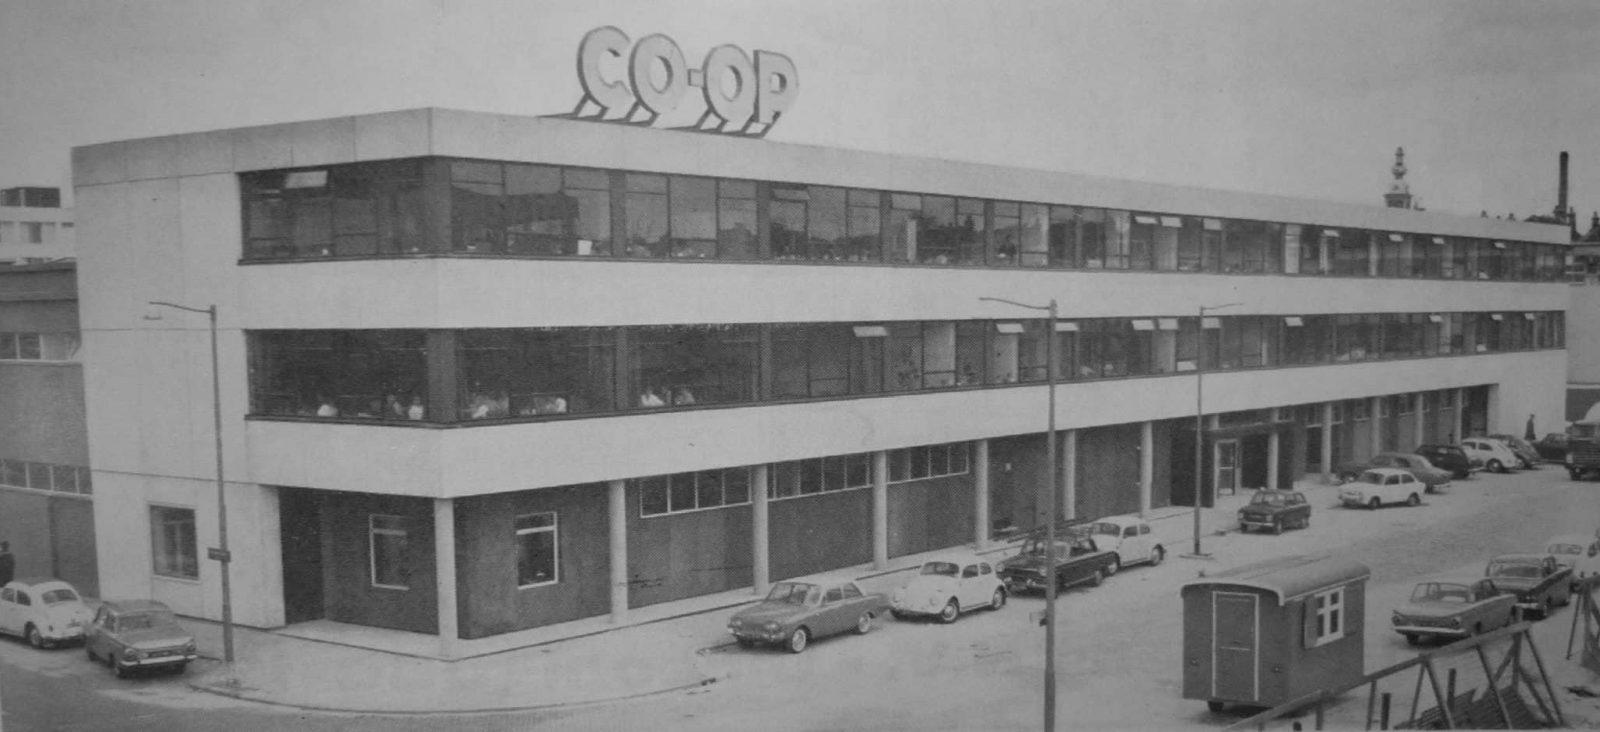 Co-op3-Stedenbouw-1967-5-6a